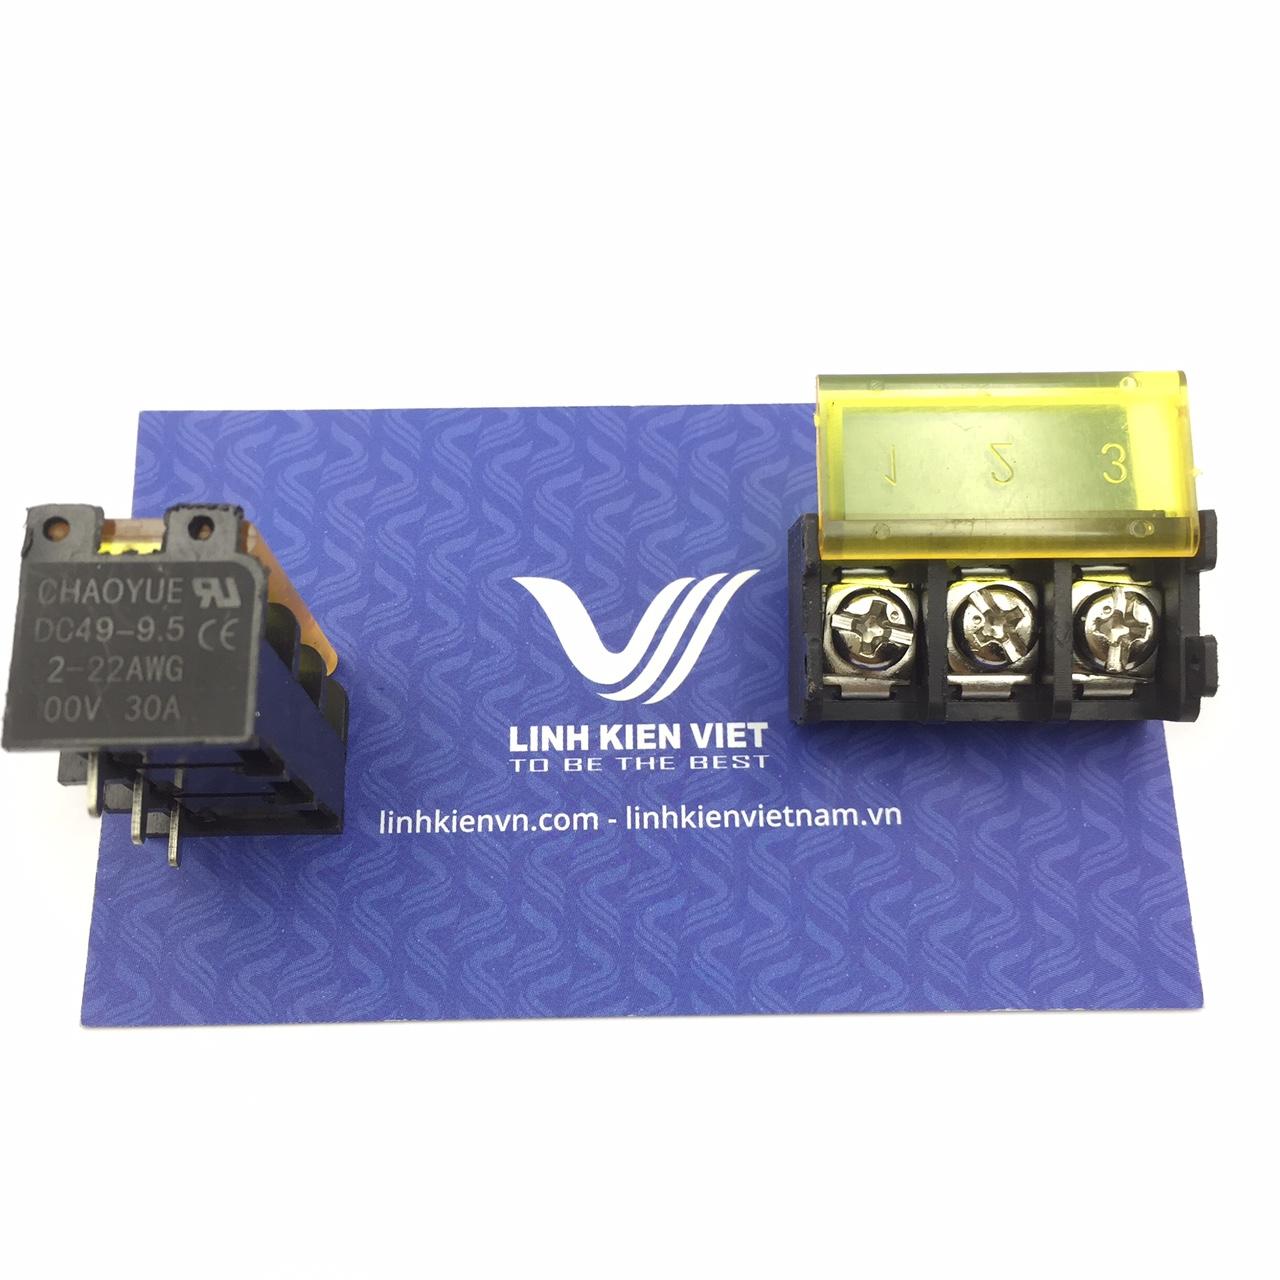 Cầu đấu terminal có nắp đậy HB9500-3P /DC49 - 9.5mm 3P s1H9